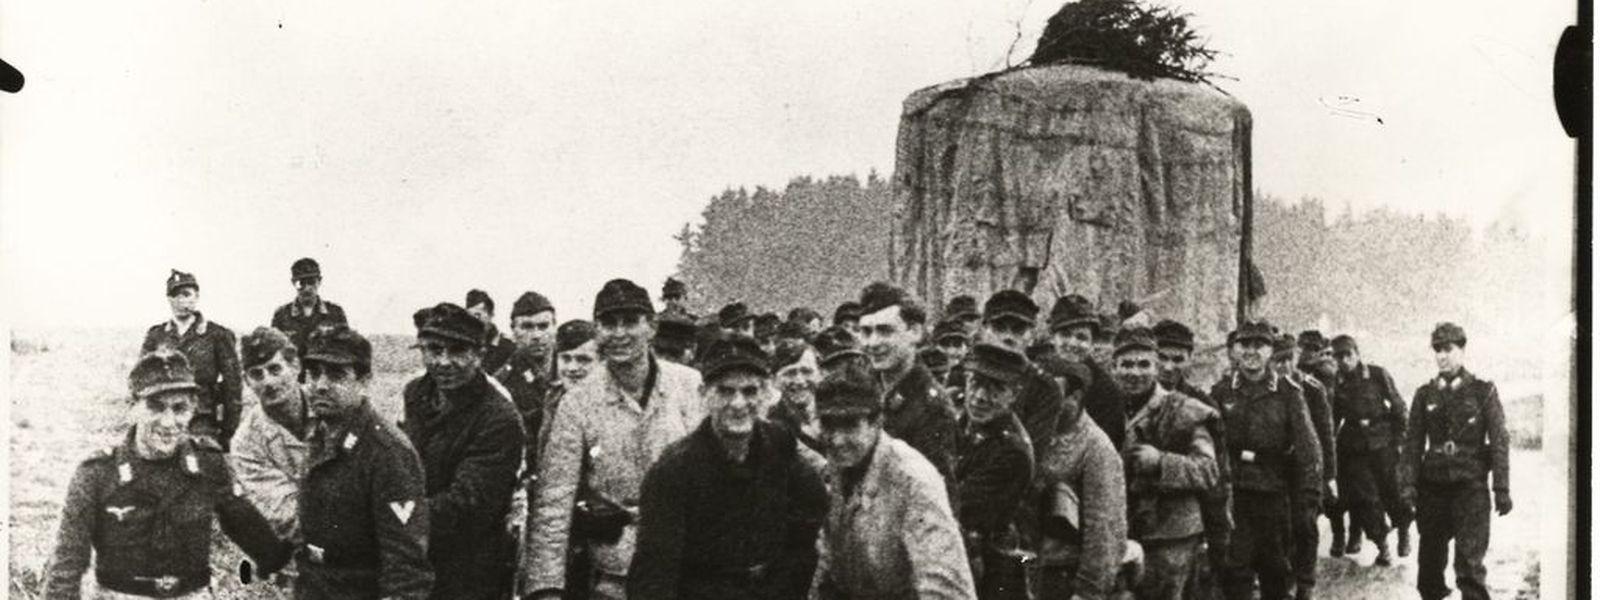 Wehrmachtssoldaten ziehen einen riesigen Scheinwerfer hinter sich her.